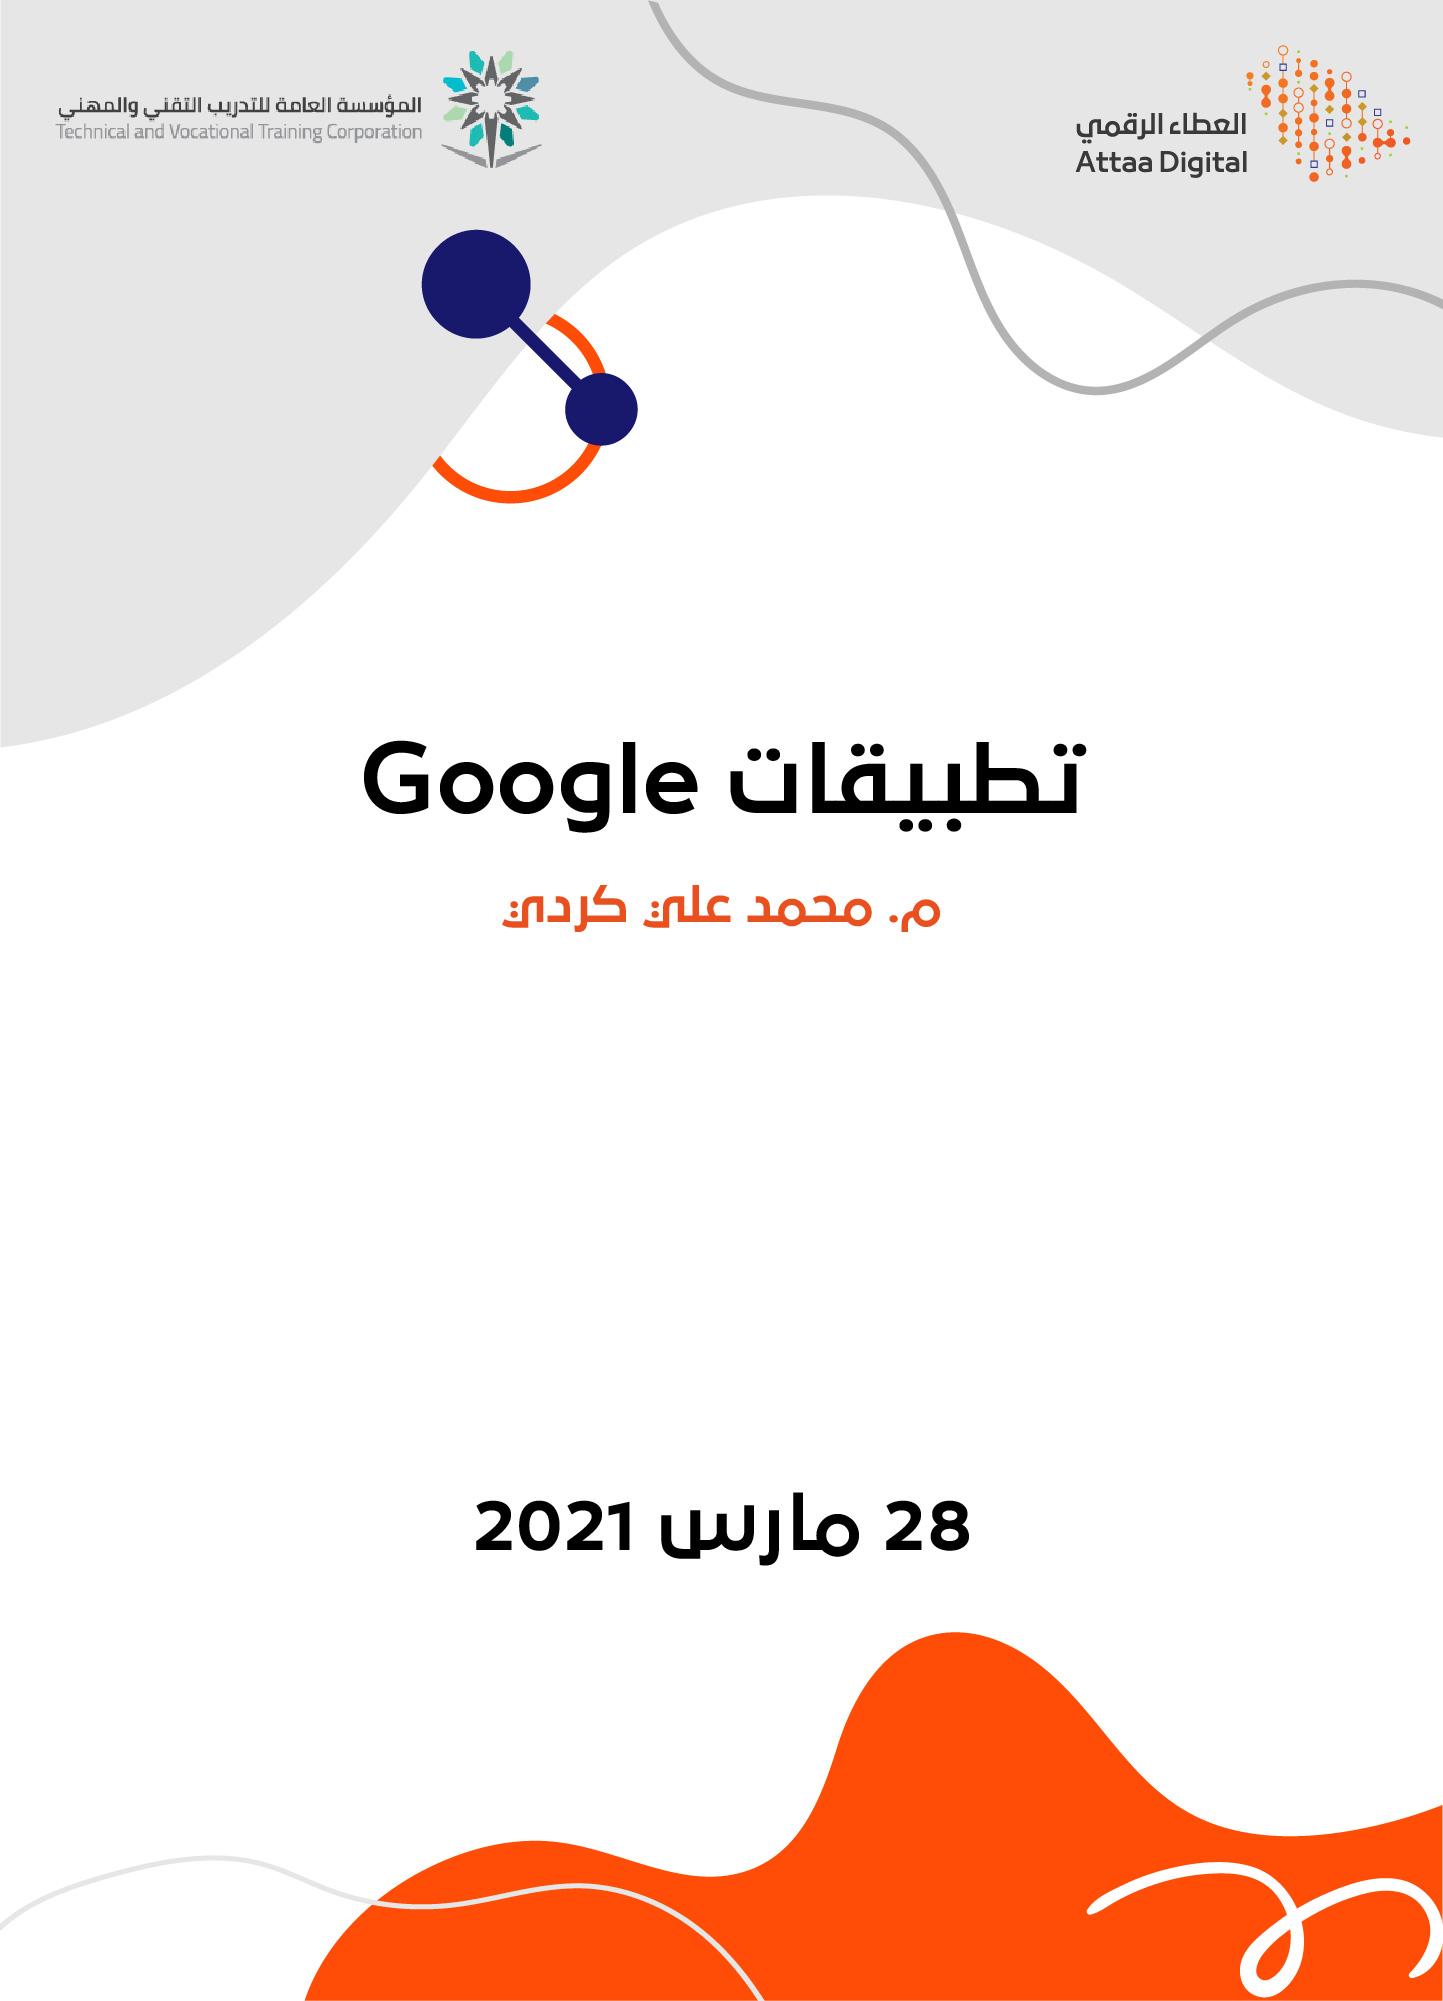 تطبيقات Google